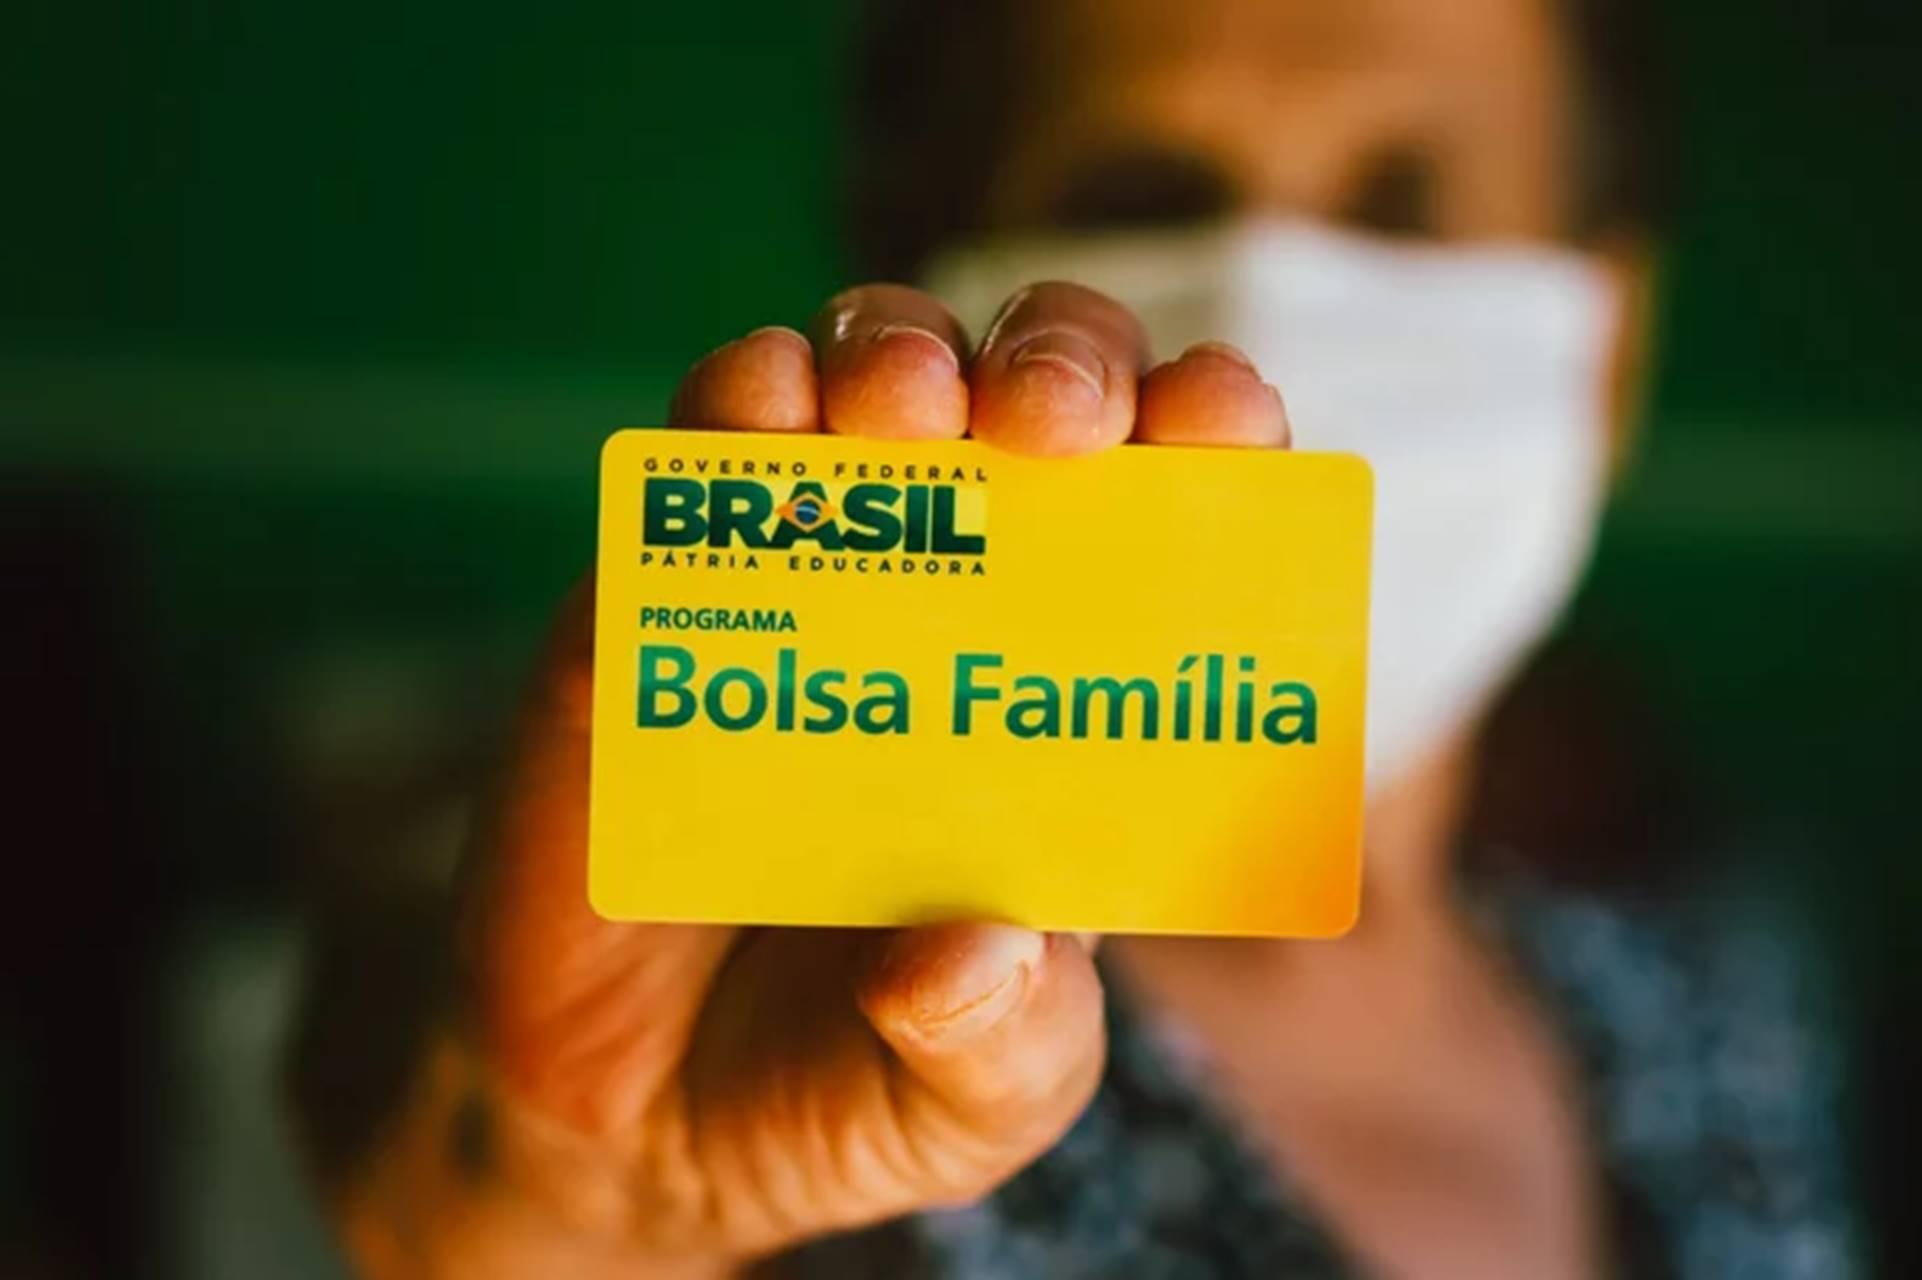 Bolsa Família: Ministério publica regras para fiscalizar beneficiários